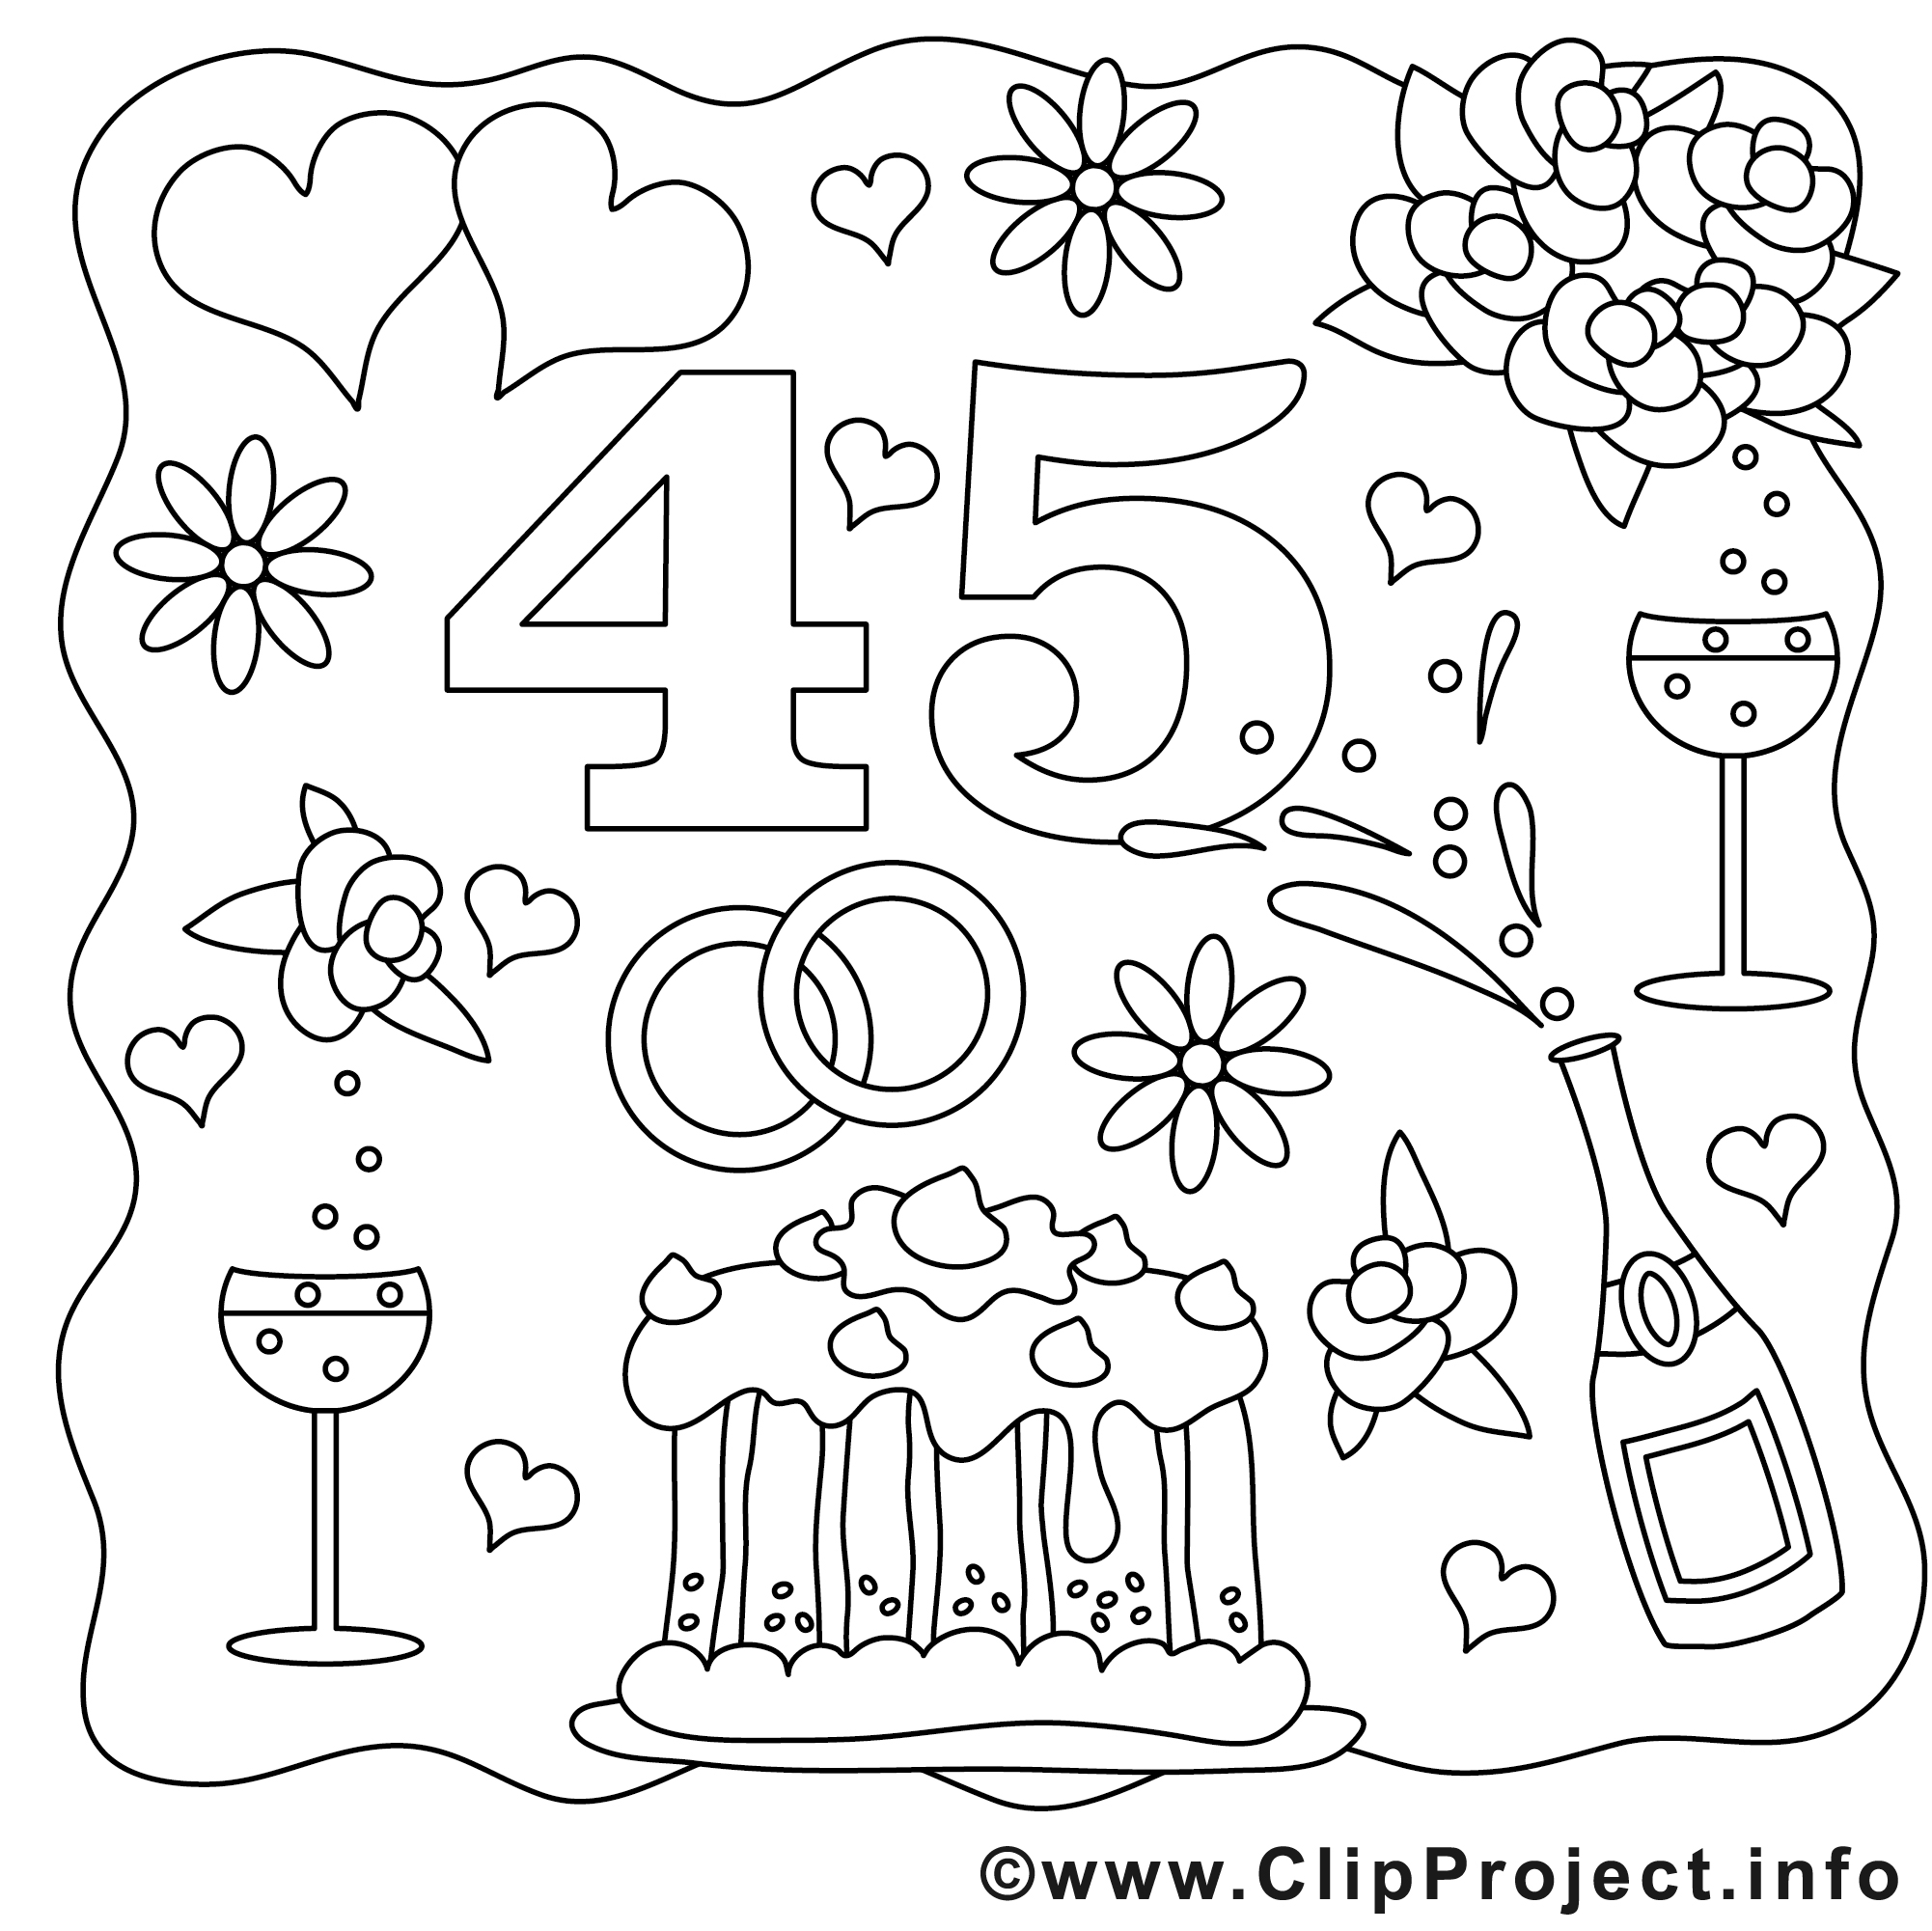 45 ans dessin - Mariage gratuits à imprimer - Mariage ...